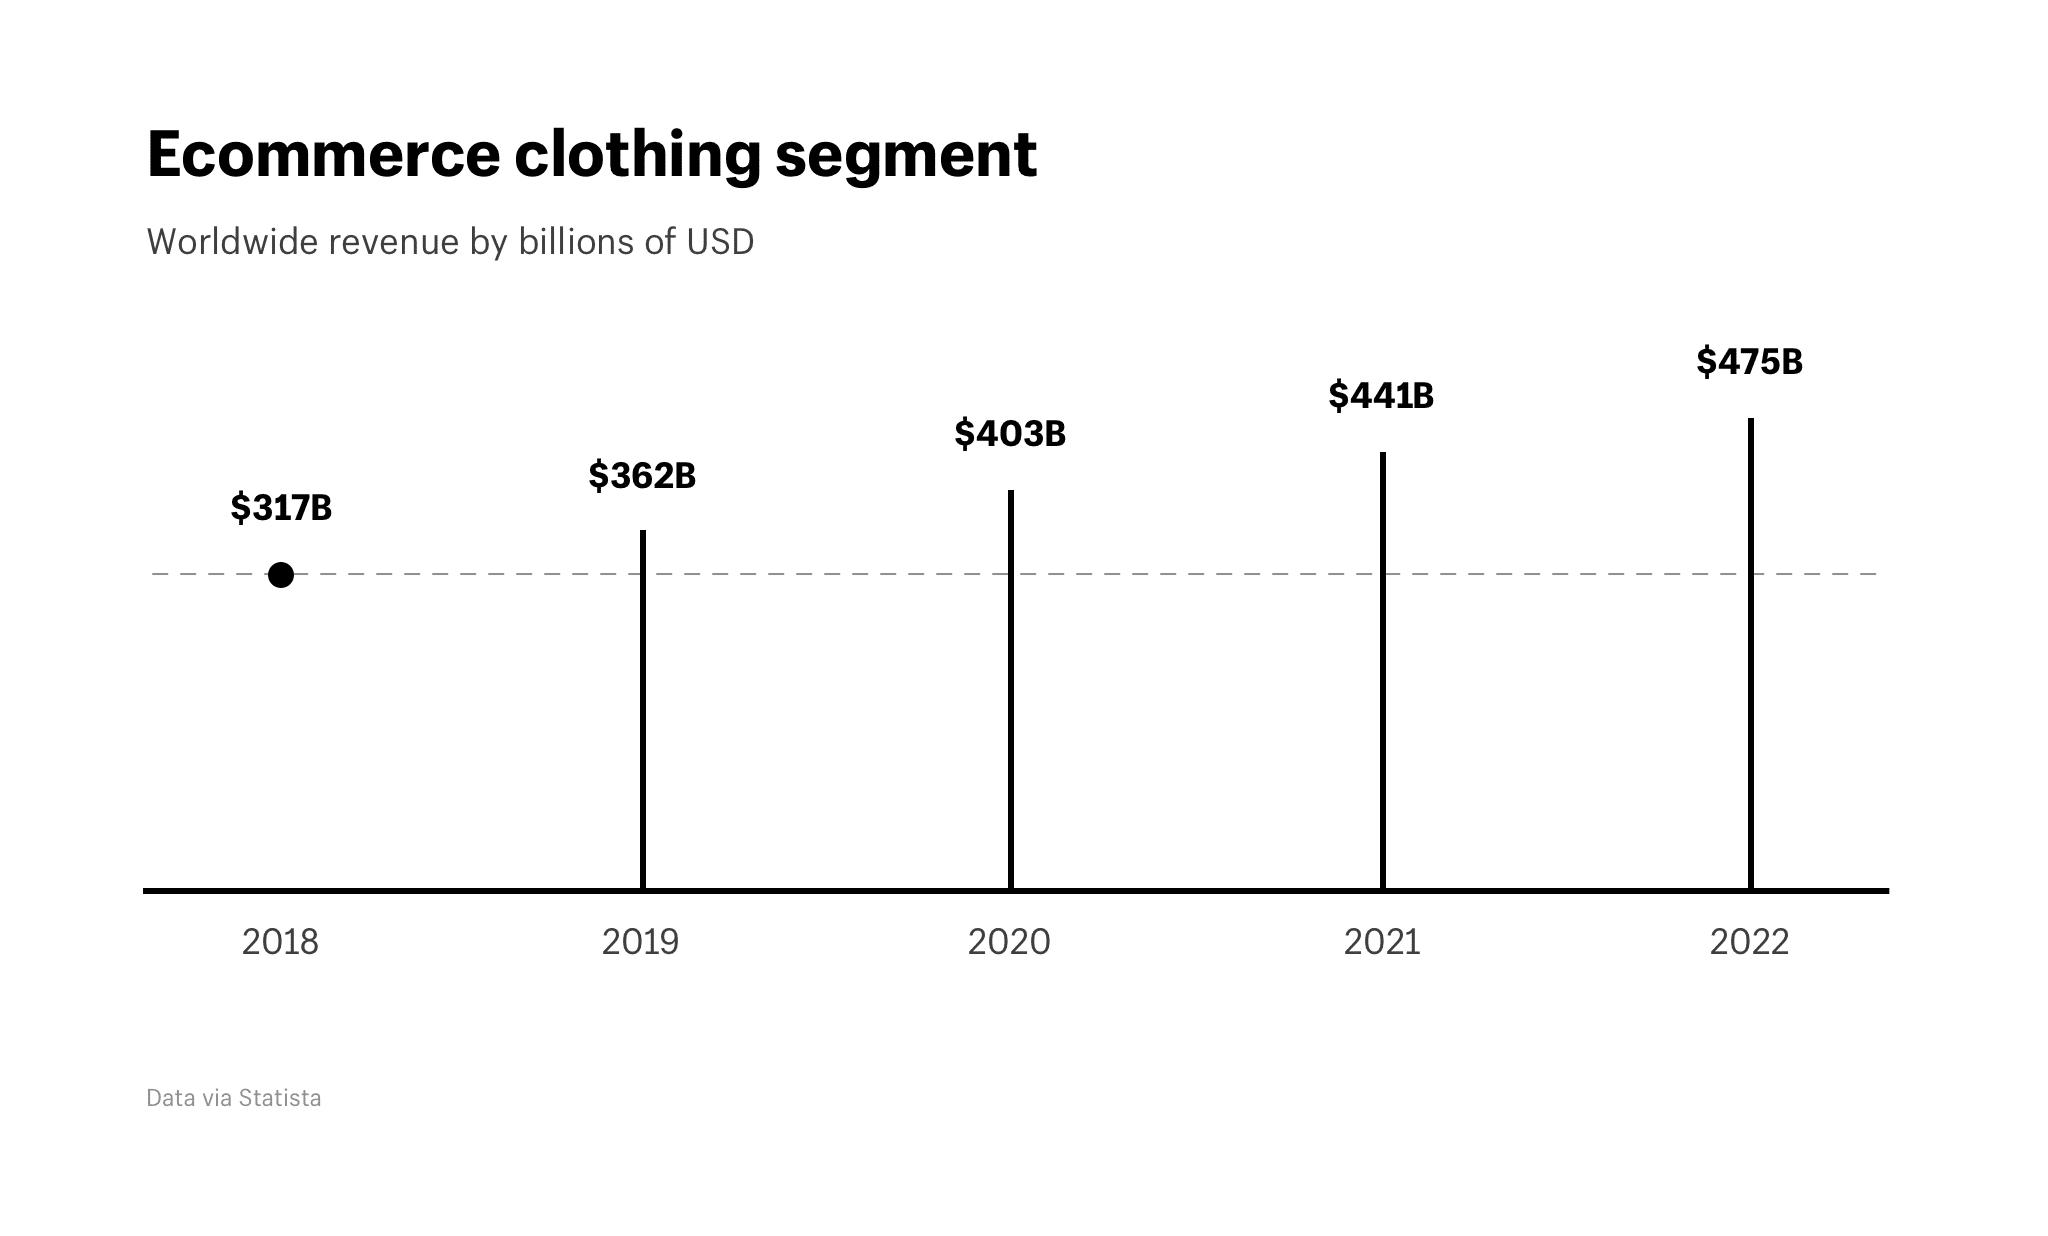 chiffre d'affaires e-commerce vêtements en ligne